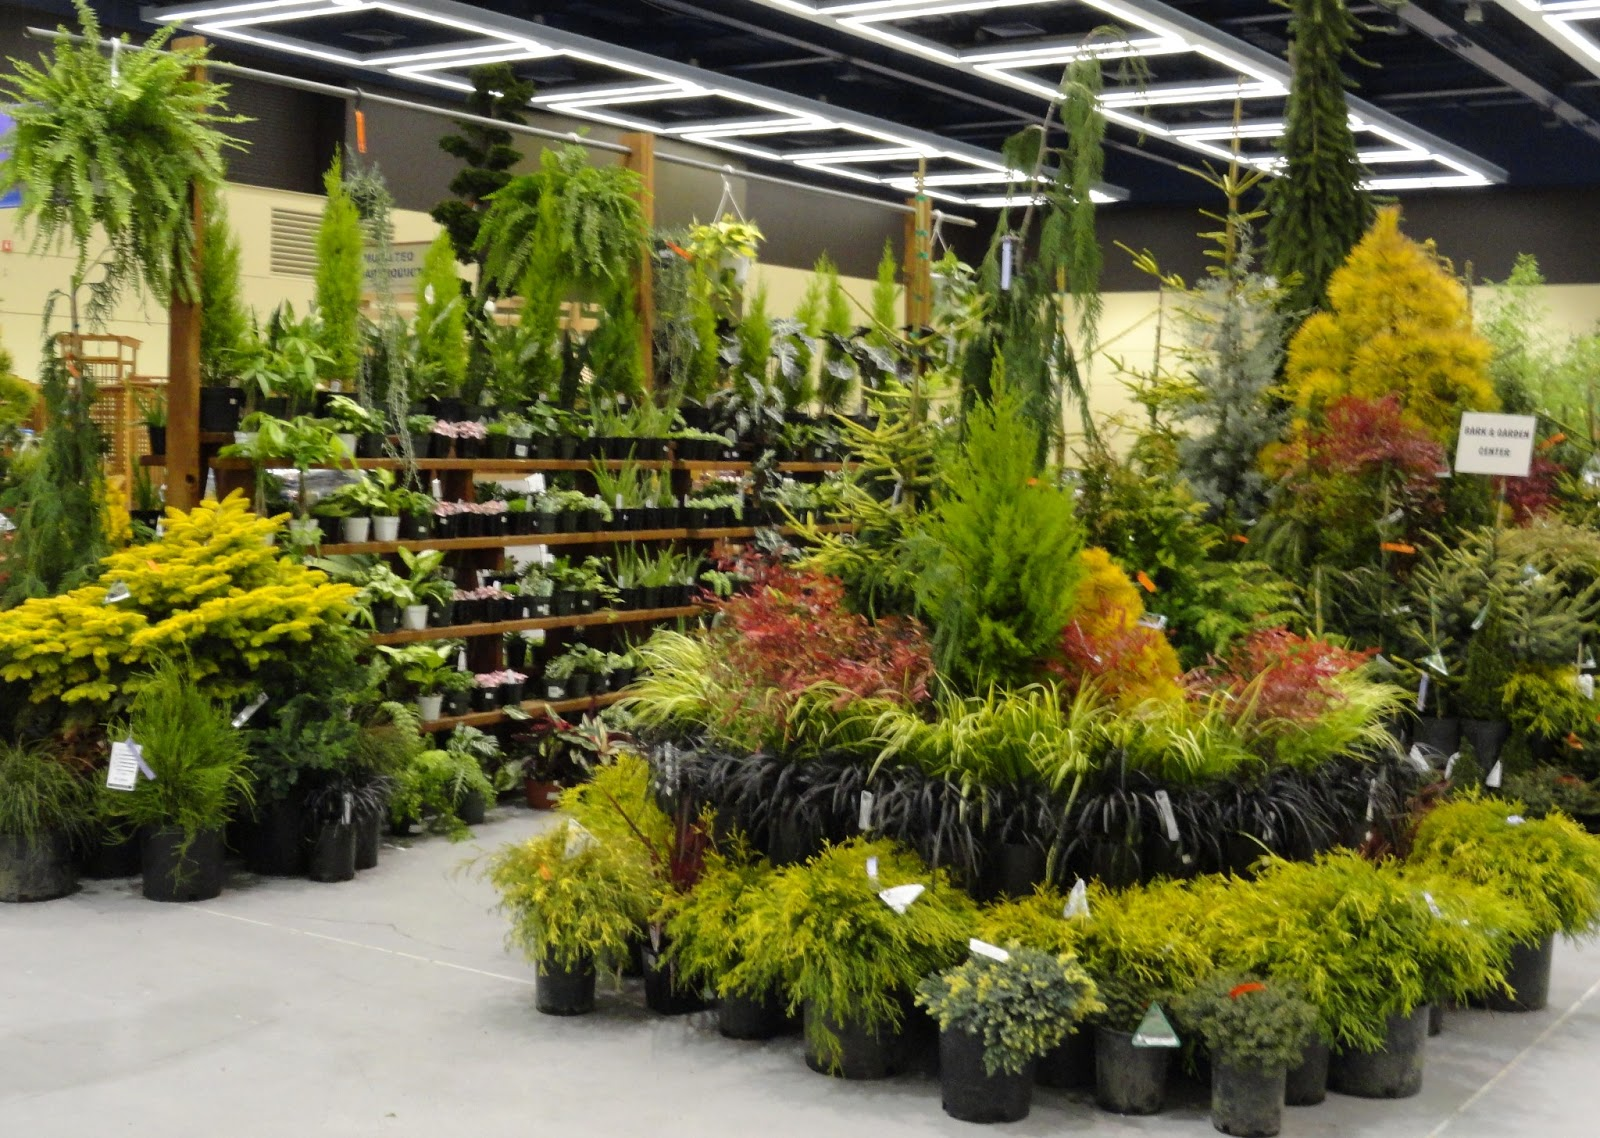 Danger garden i almost forgot i bought some plants for Idea center dilshad garden